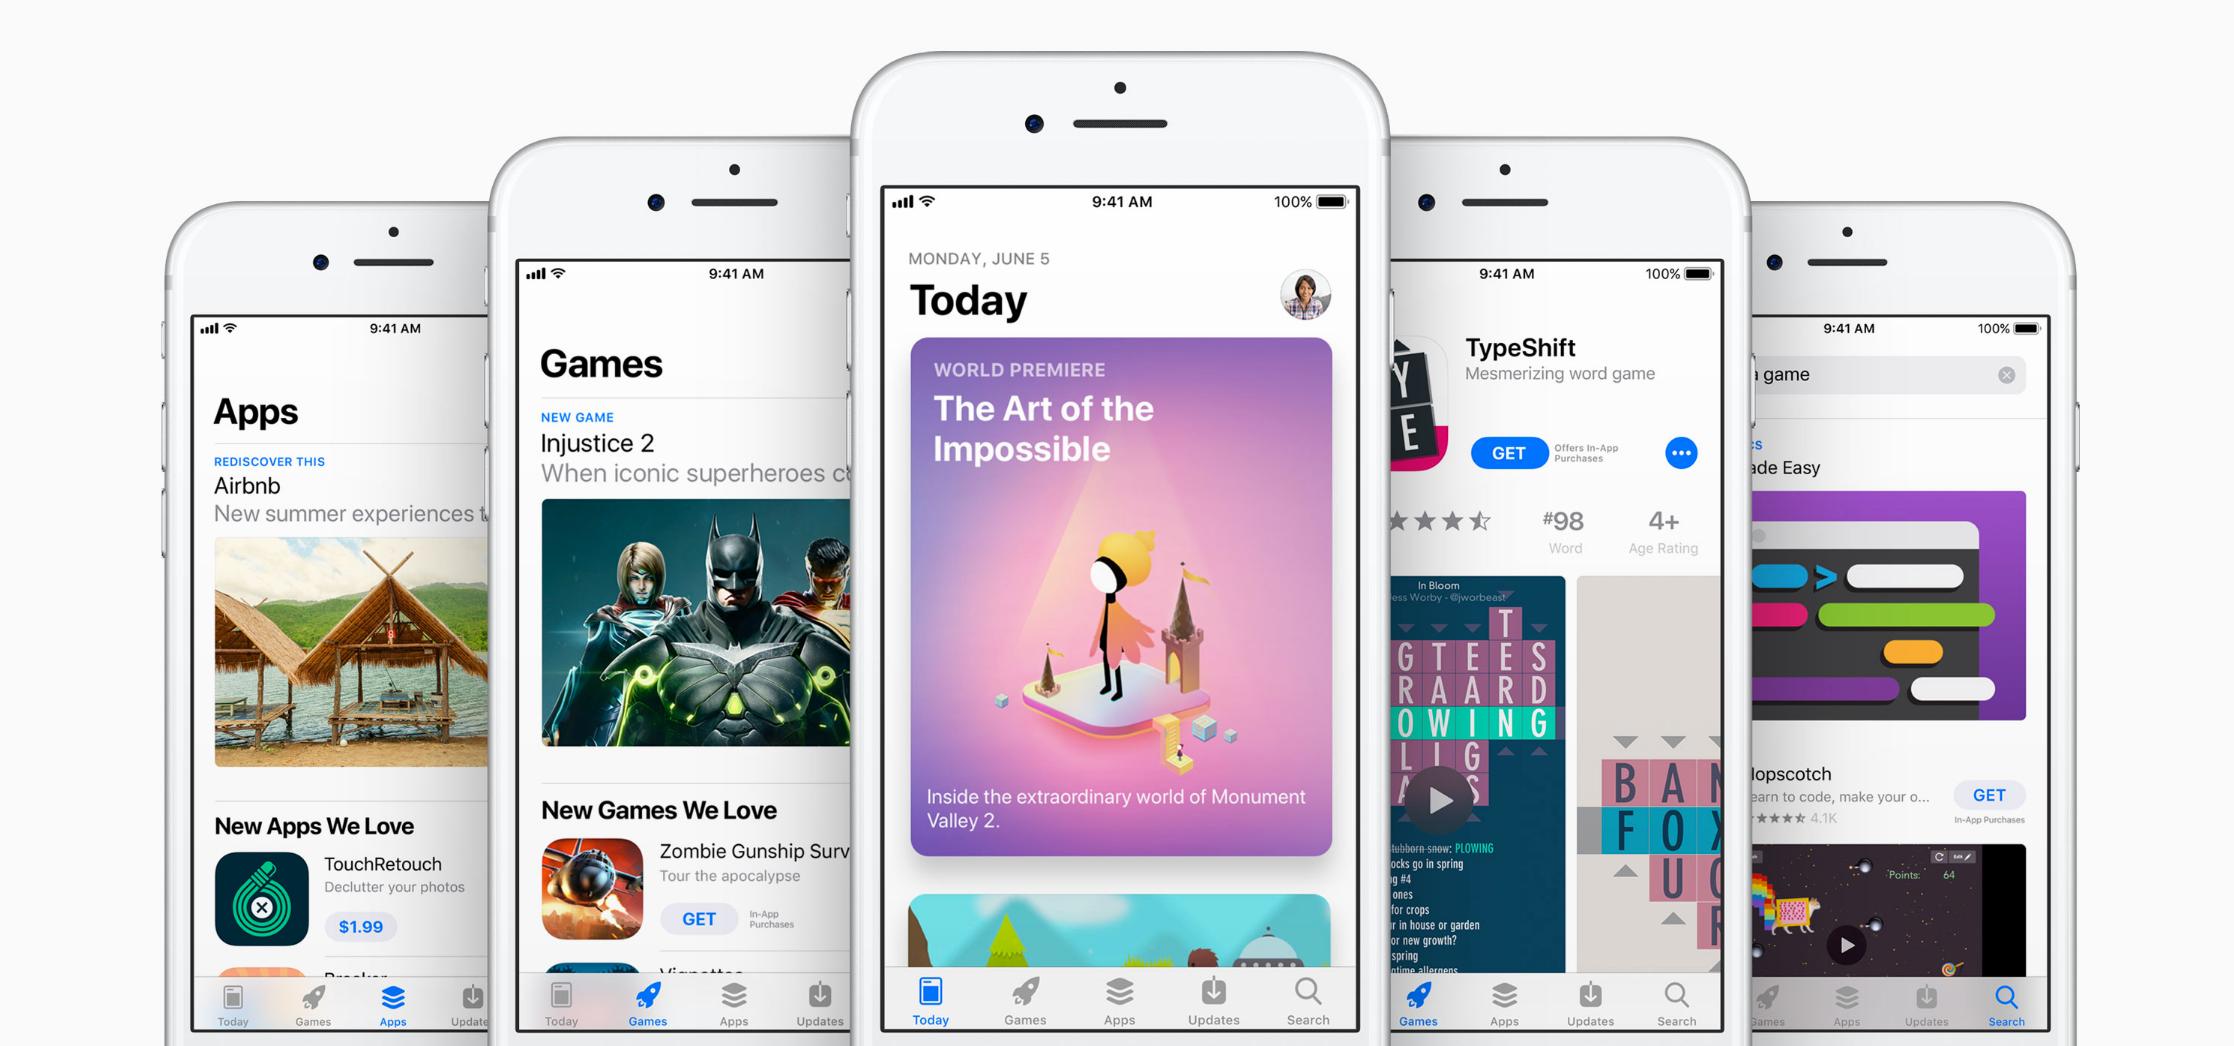 Come installare iOS 11 Beta, tutti i passaggi per il download